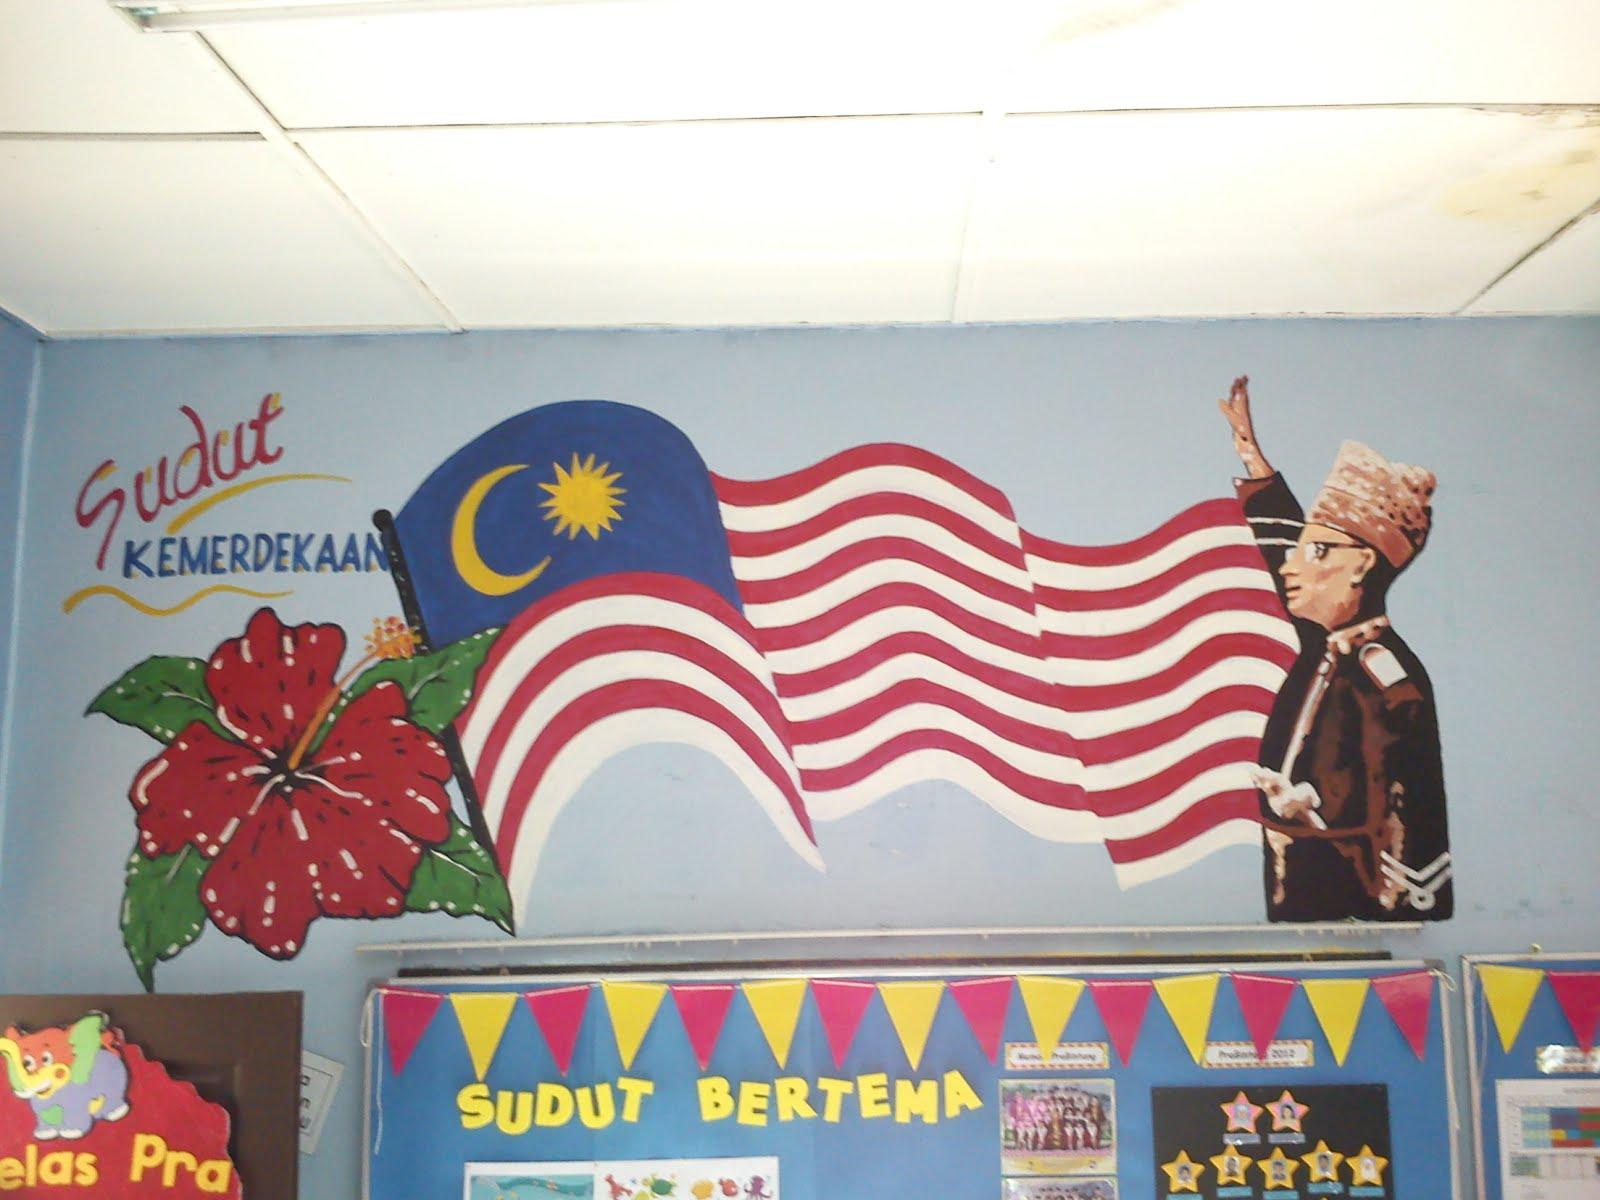 Pelukis Mural Shah Alam Merdeka Merdeka Merdeka